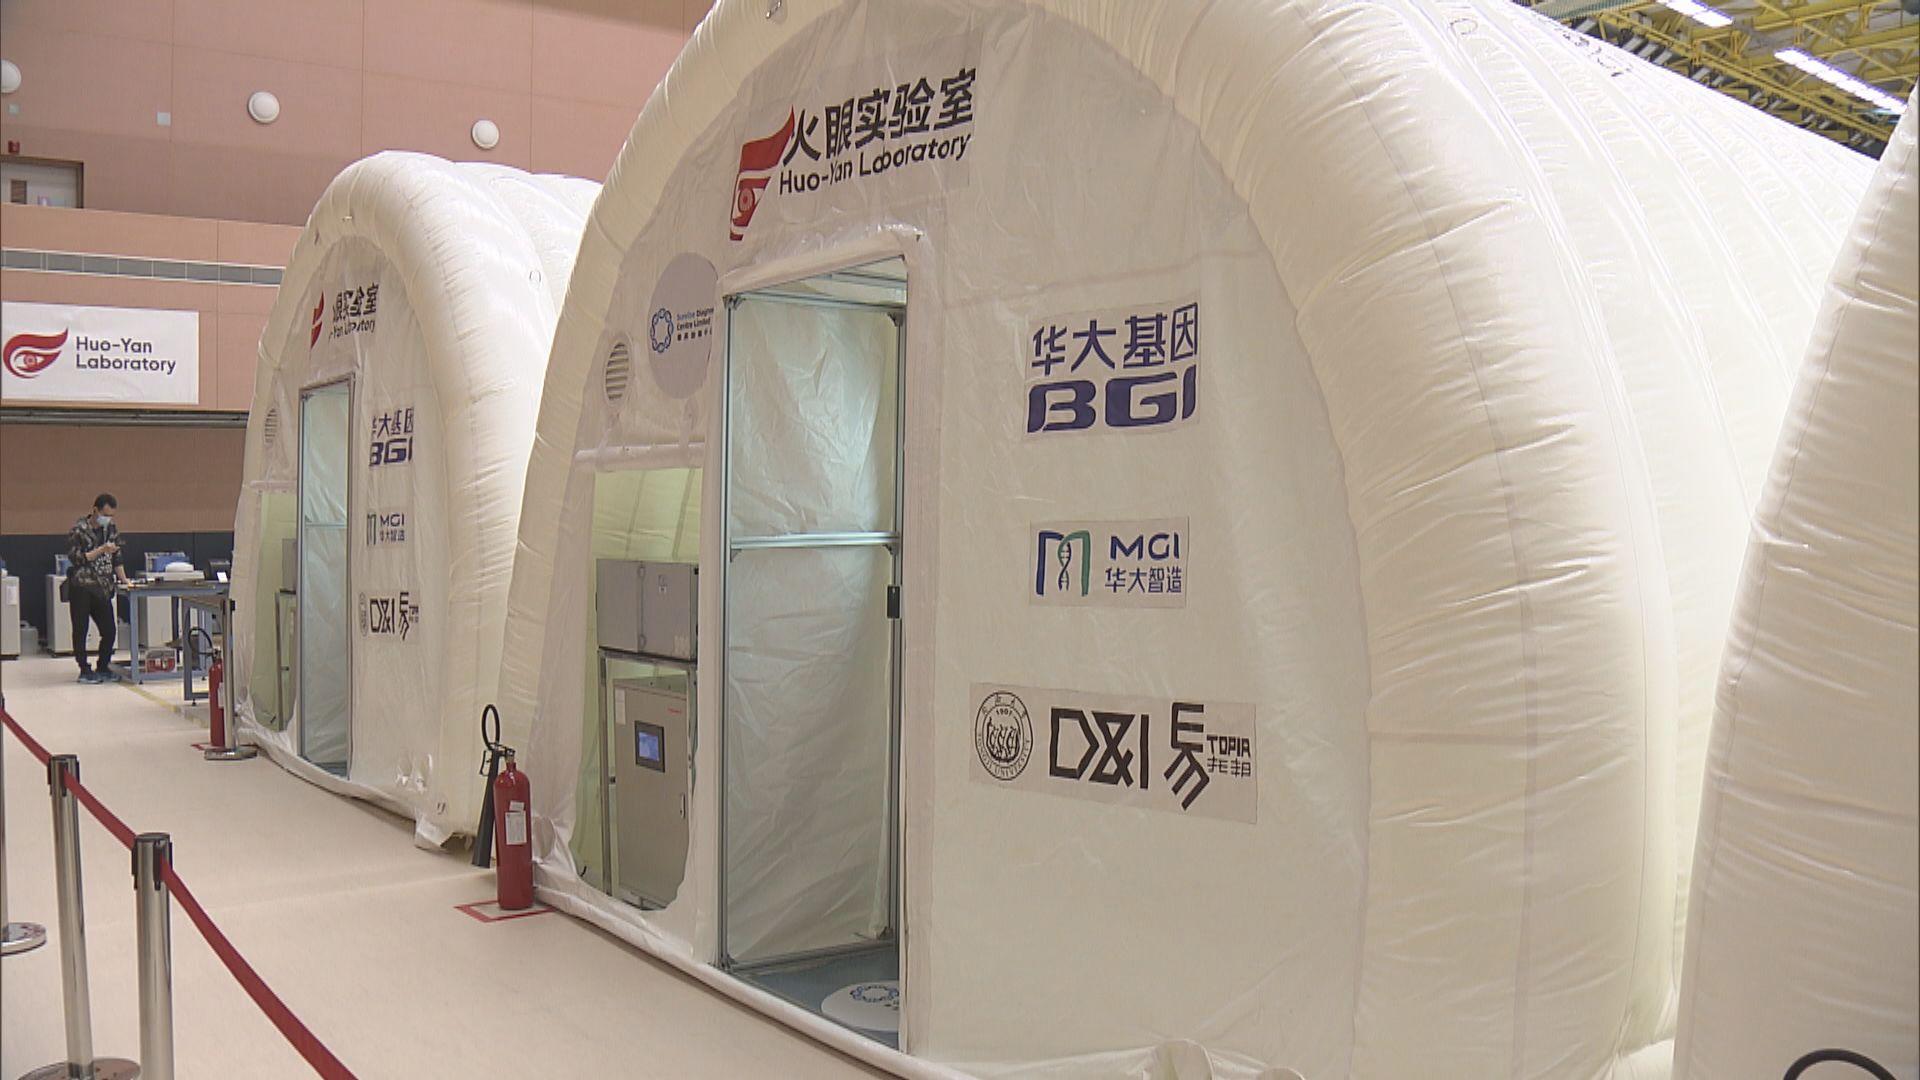 華昇:每個樣本檢測成本低於一千元 費用由中央支付